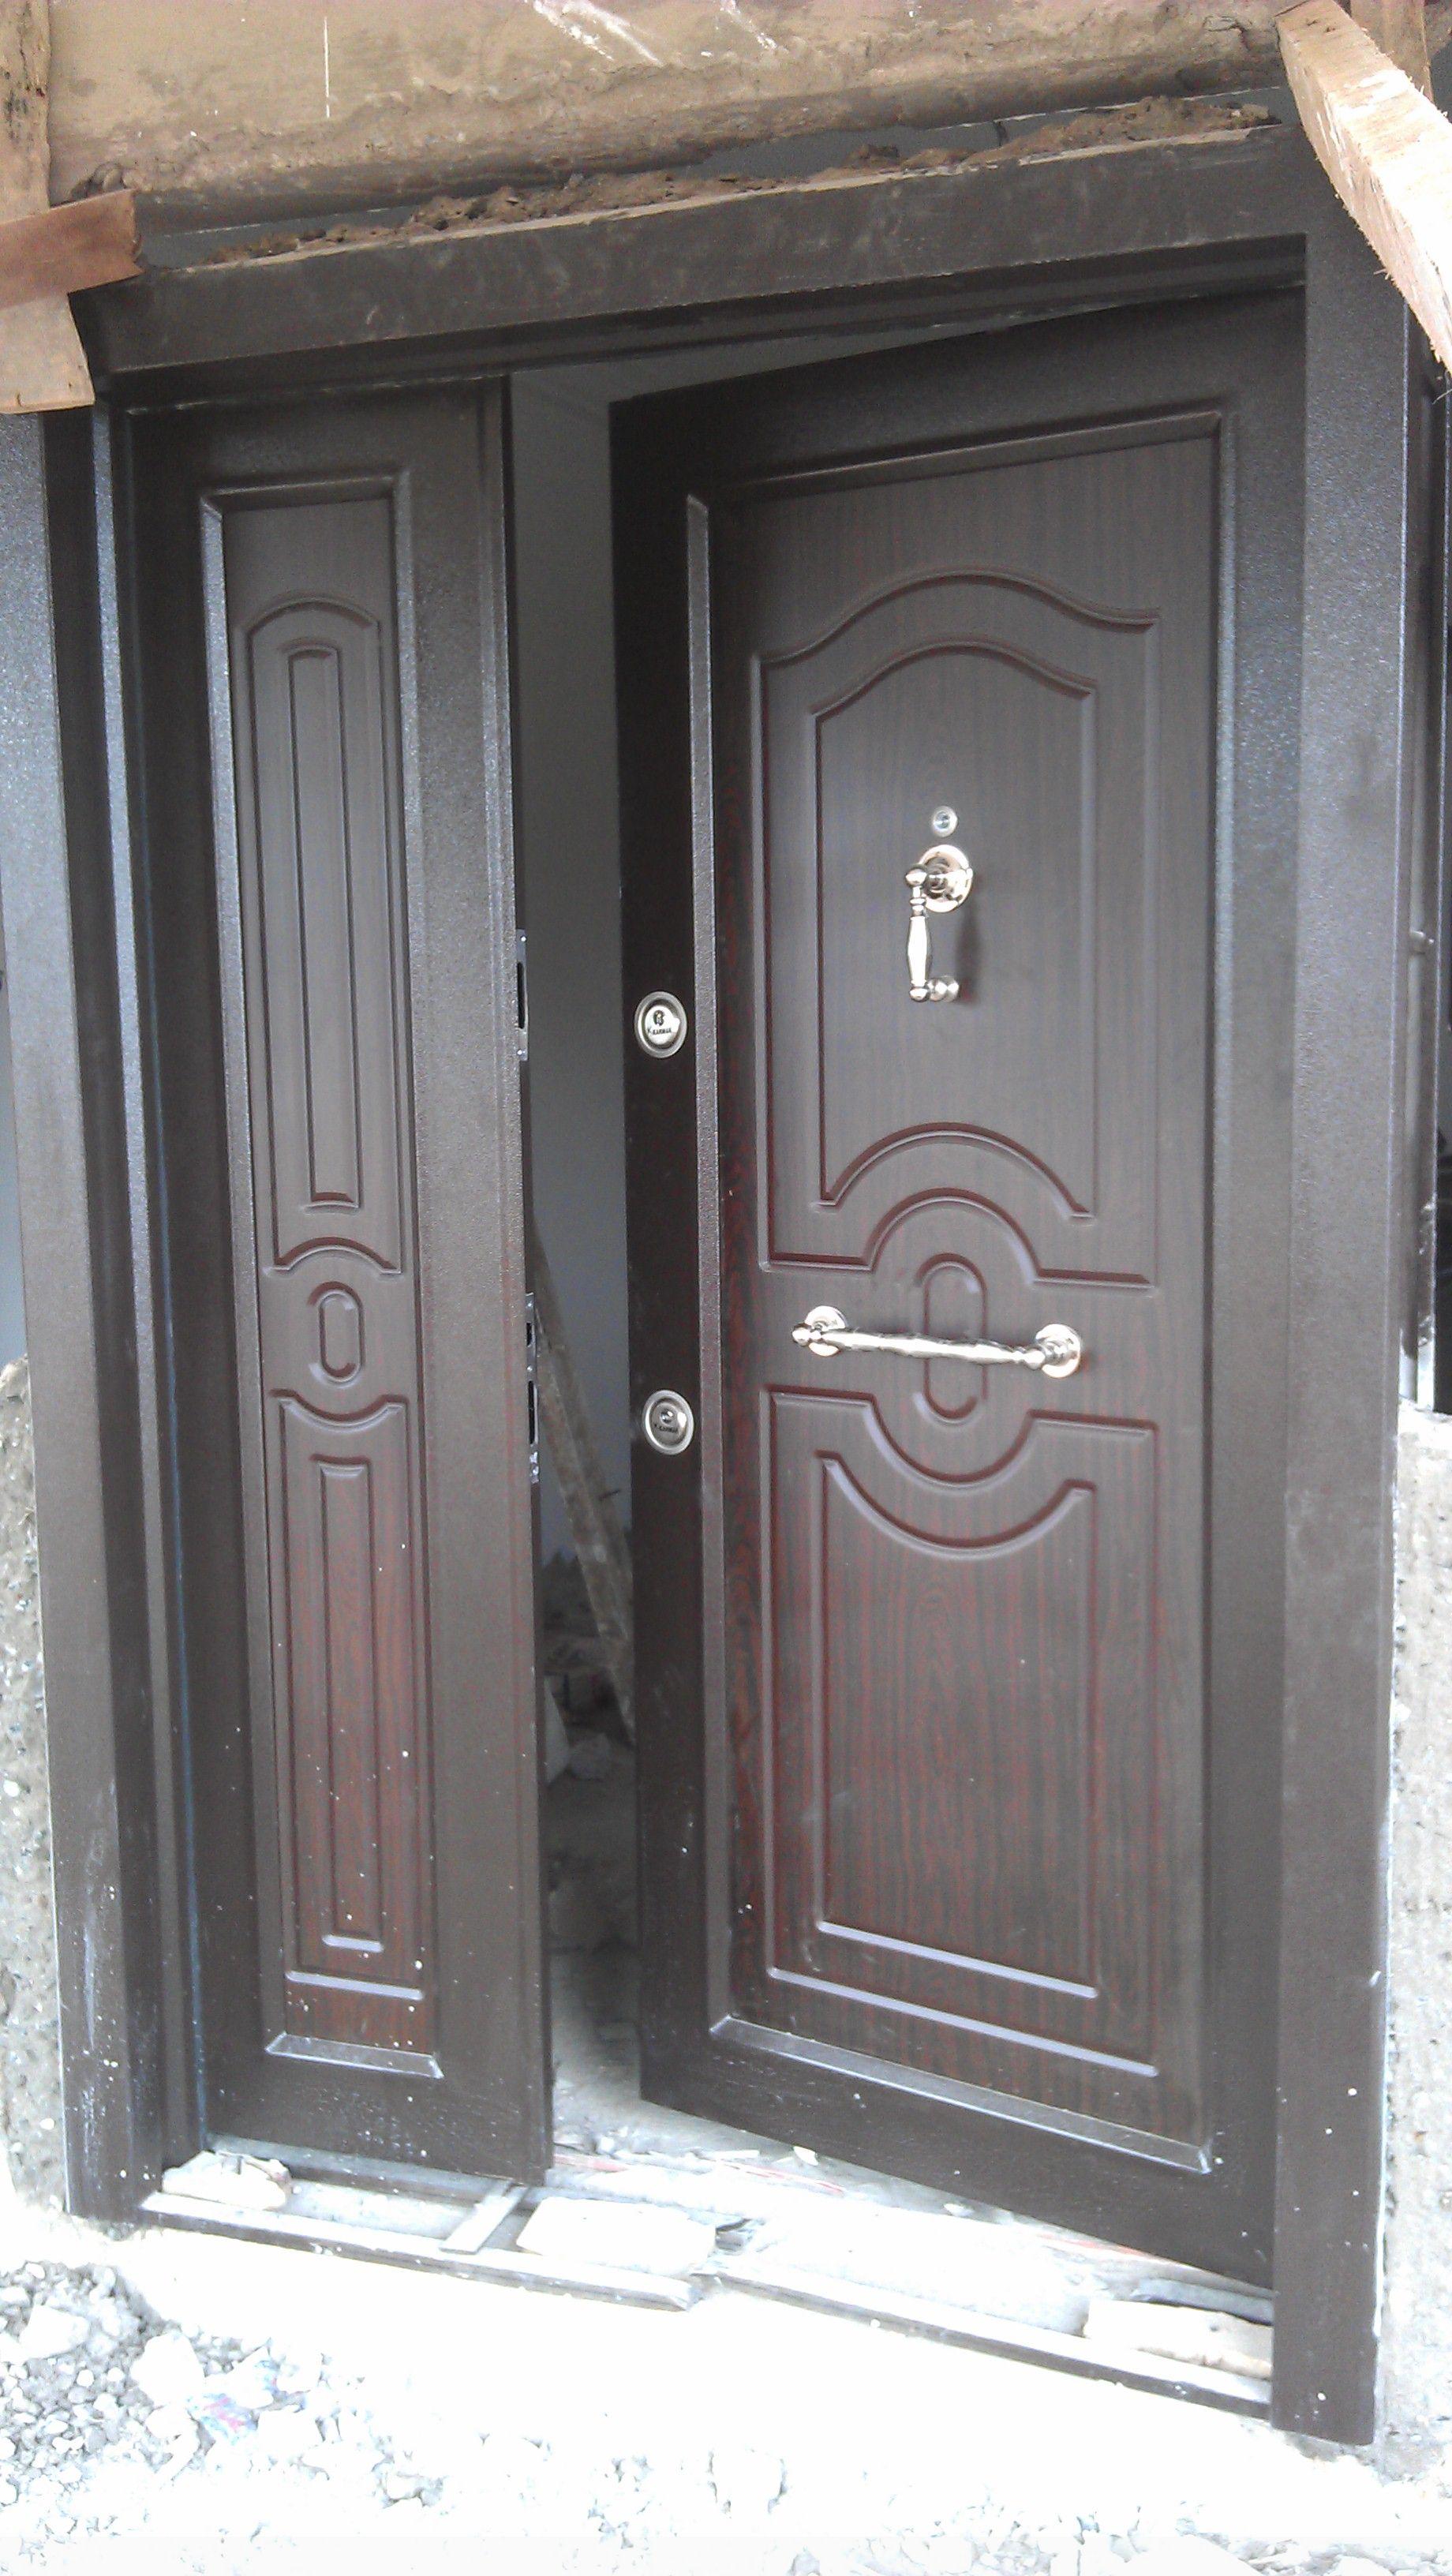 securitydoorsandwindows home windows of security img welding and door art doors compressor